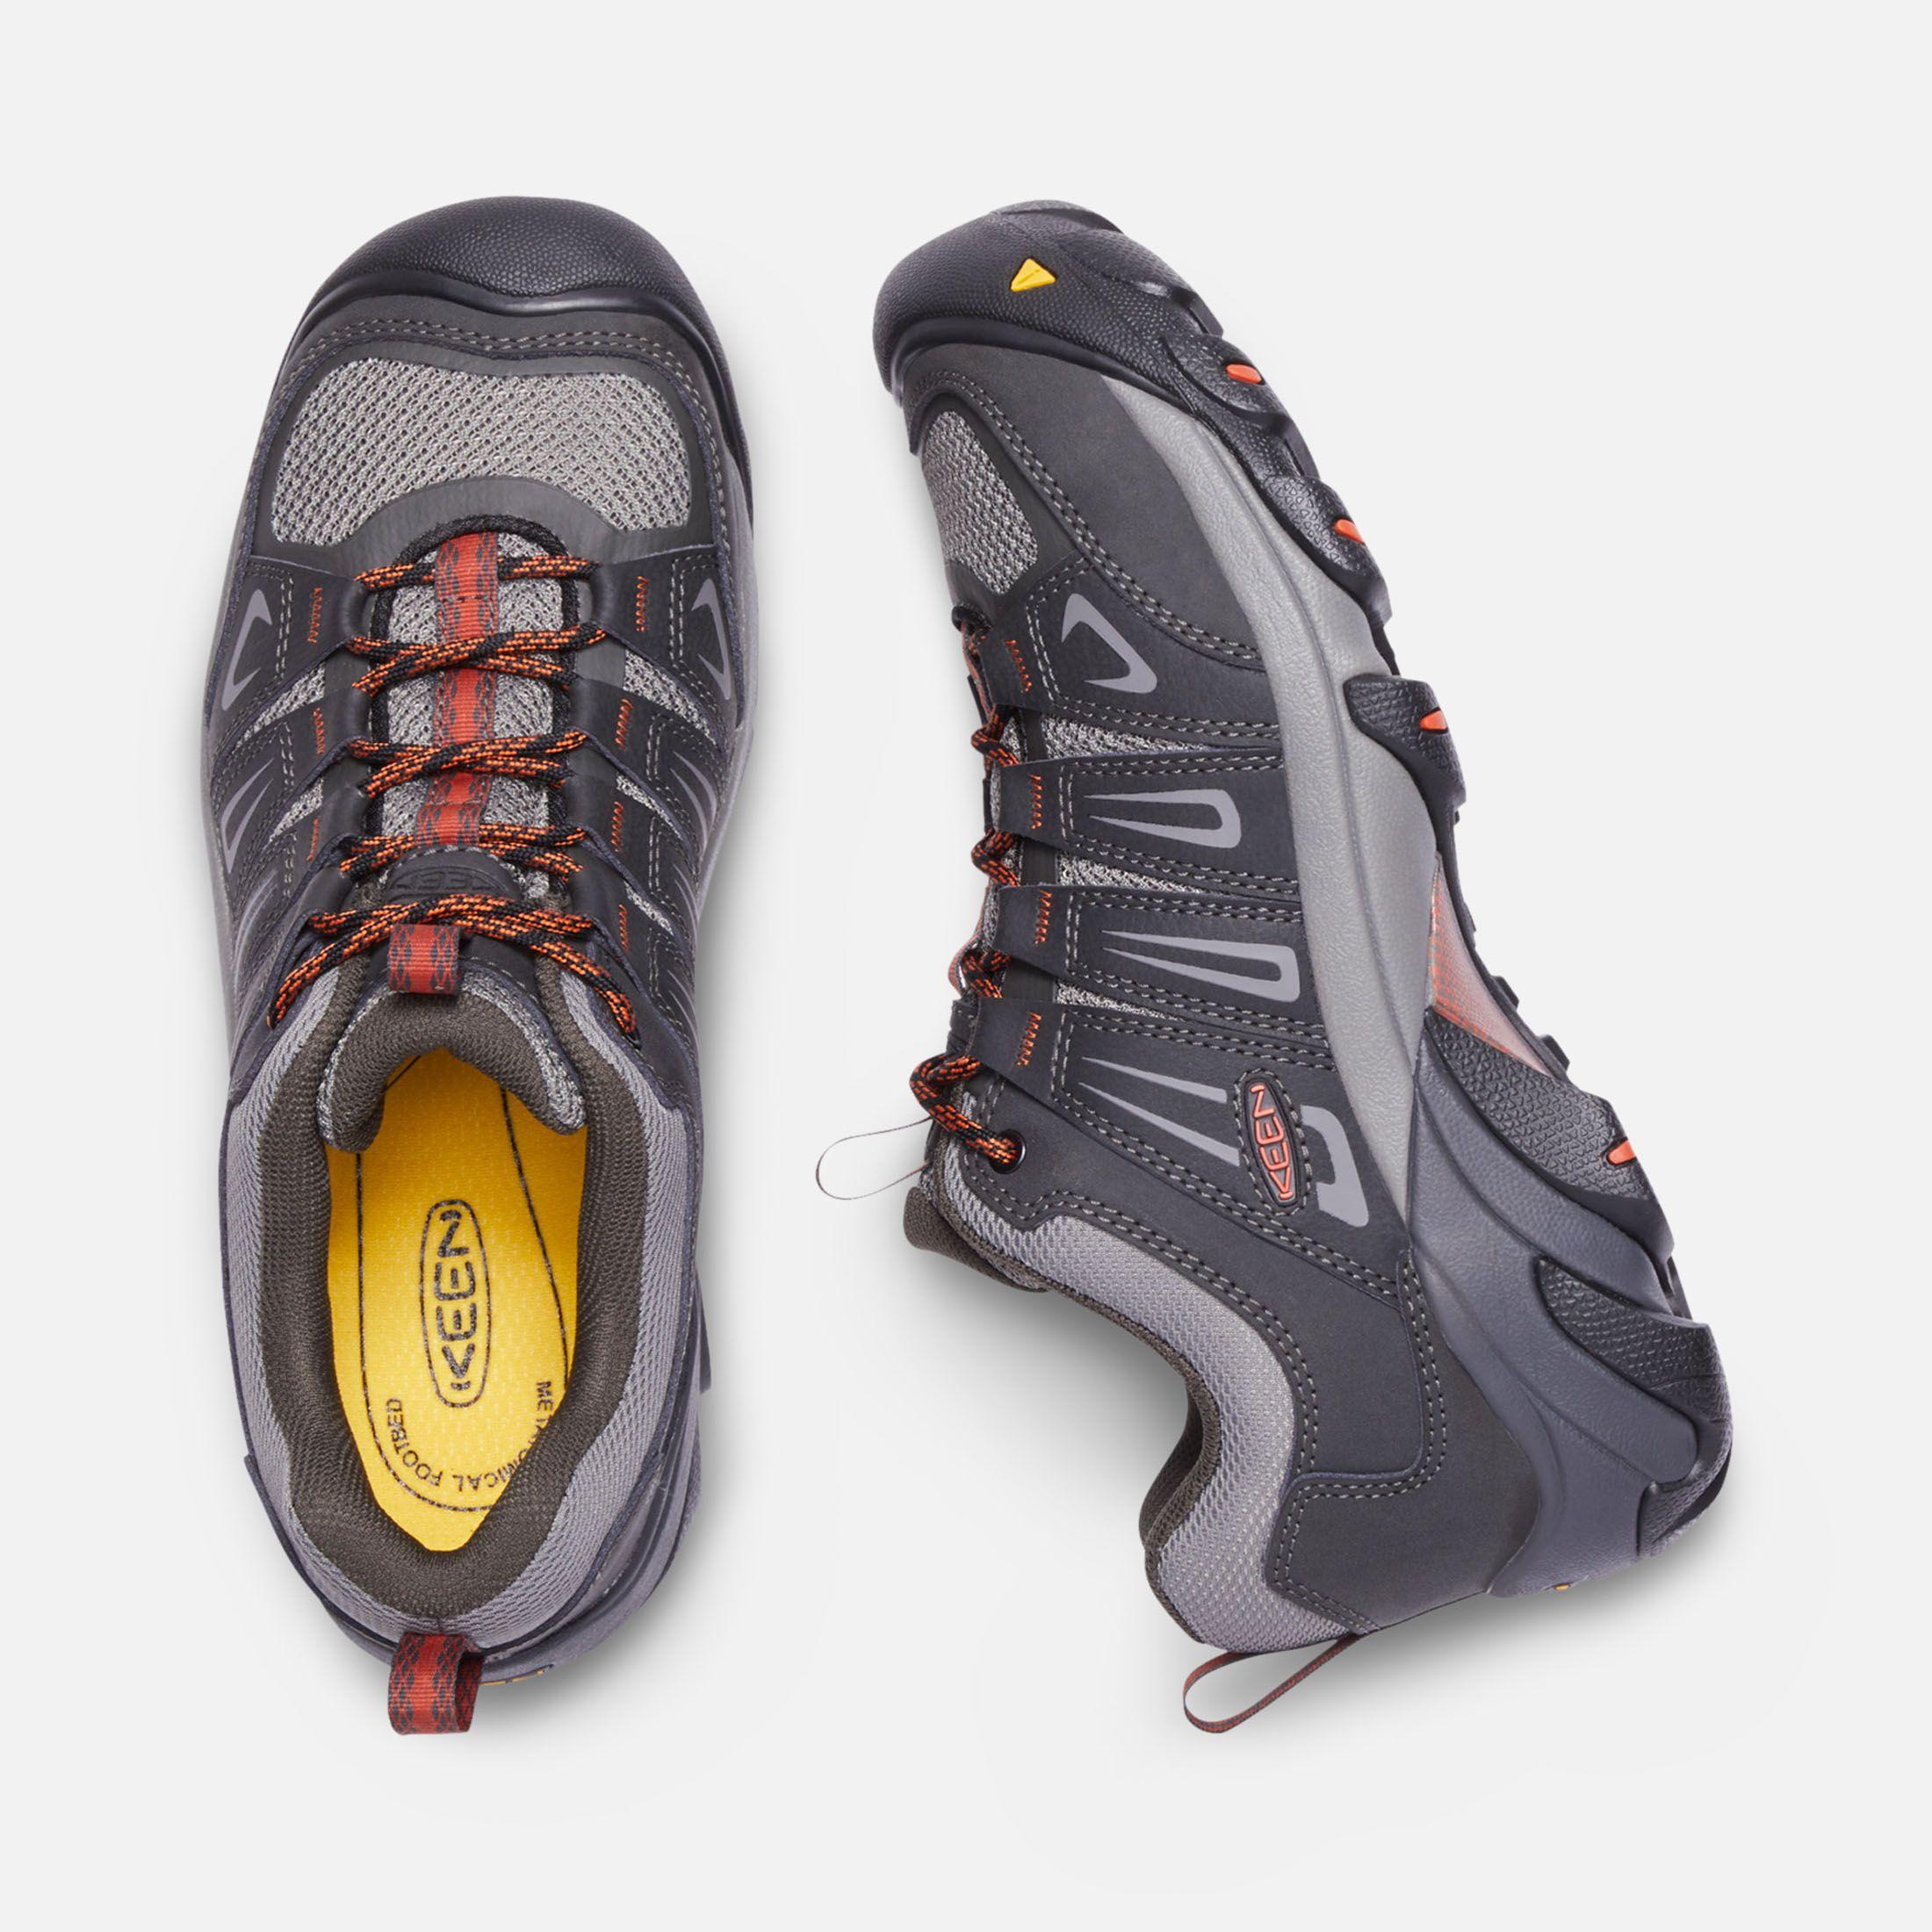 Keen Men S Steel Toe Boot Boulder Low 9 5 Raven Burnt Ochre